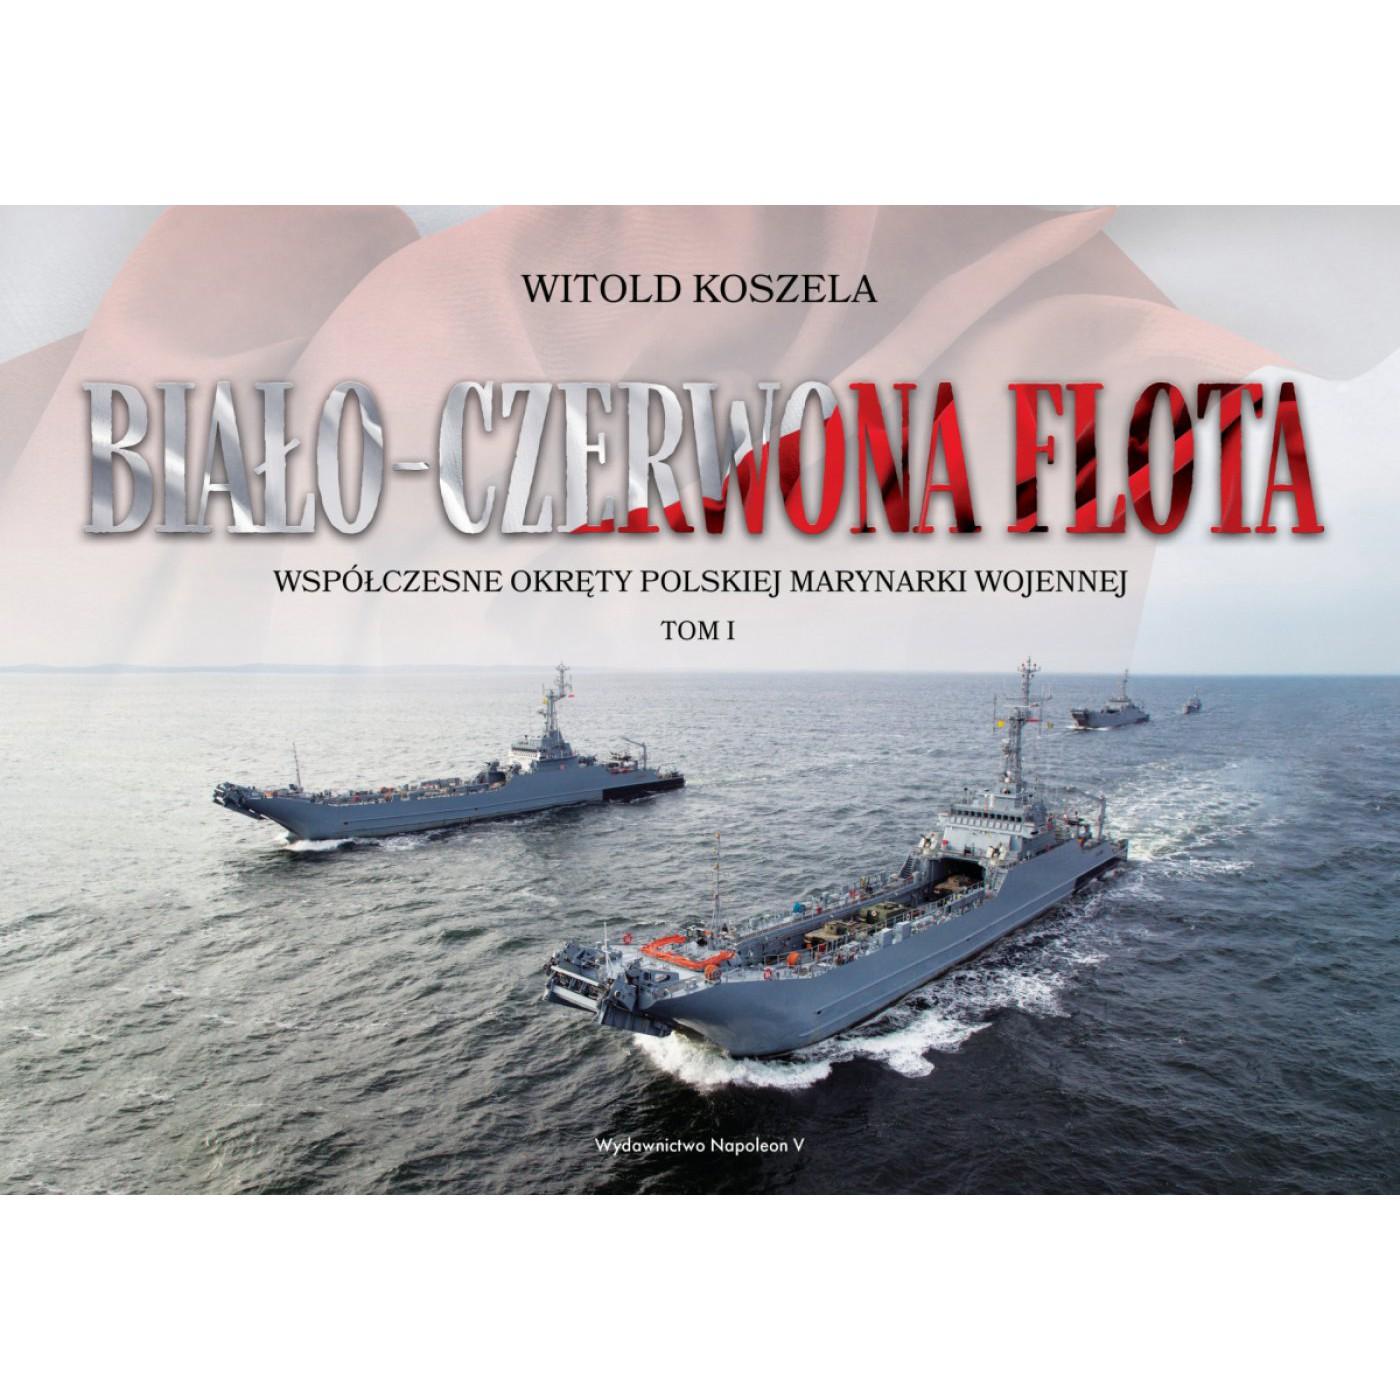 Biało-czerwona flota. Współczesne okręty Polskiej Marynarki Wojennej. Tom I - Outlet